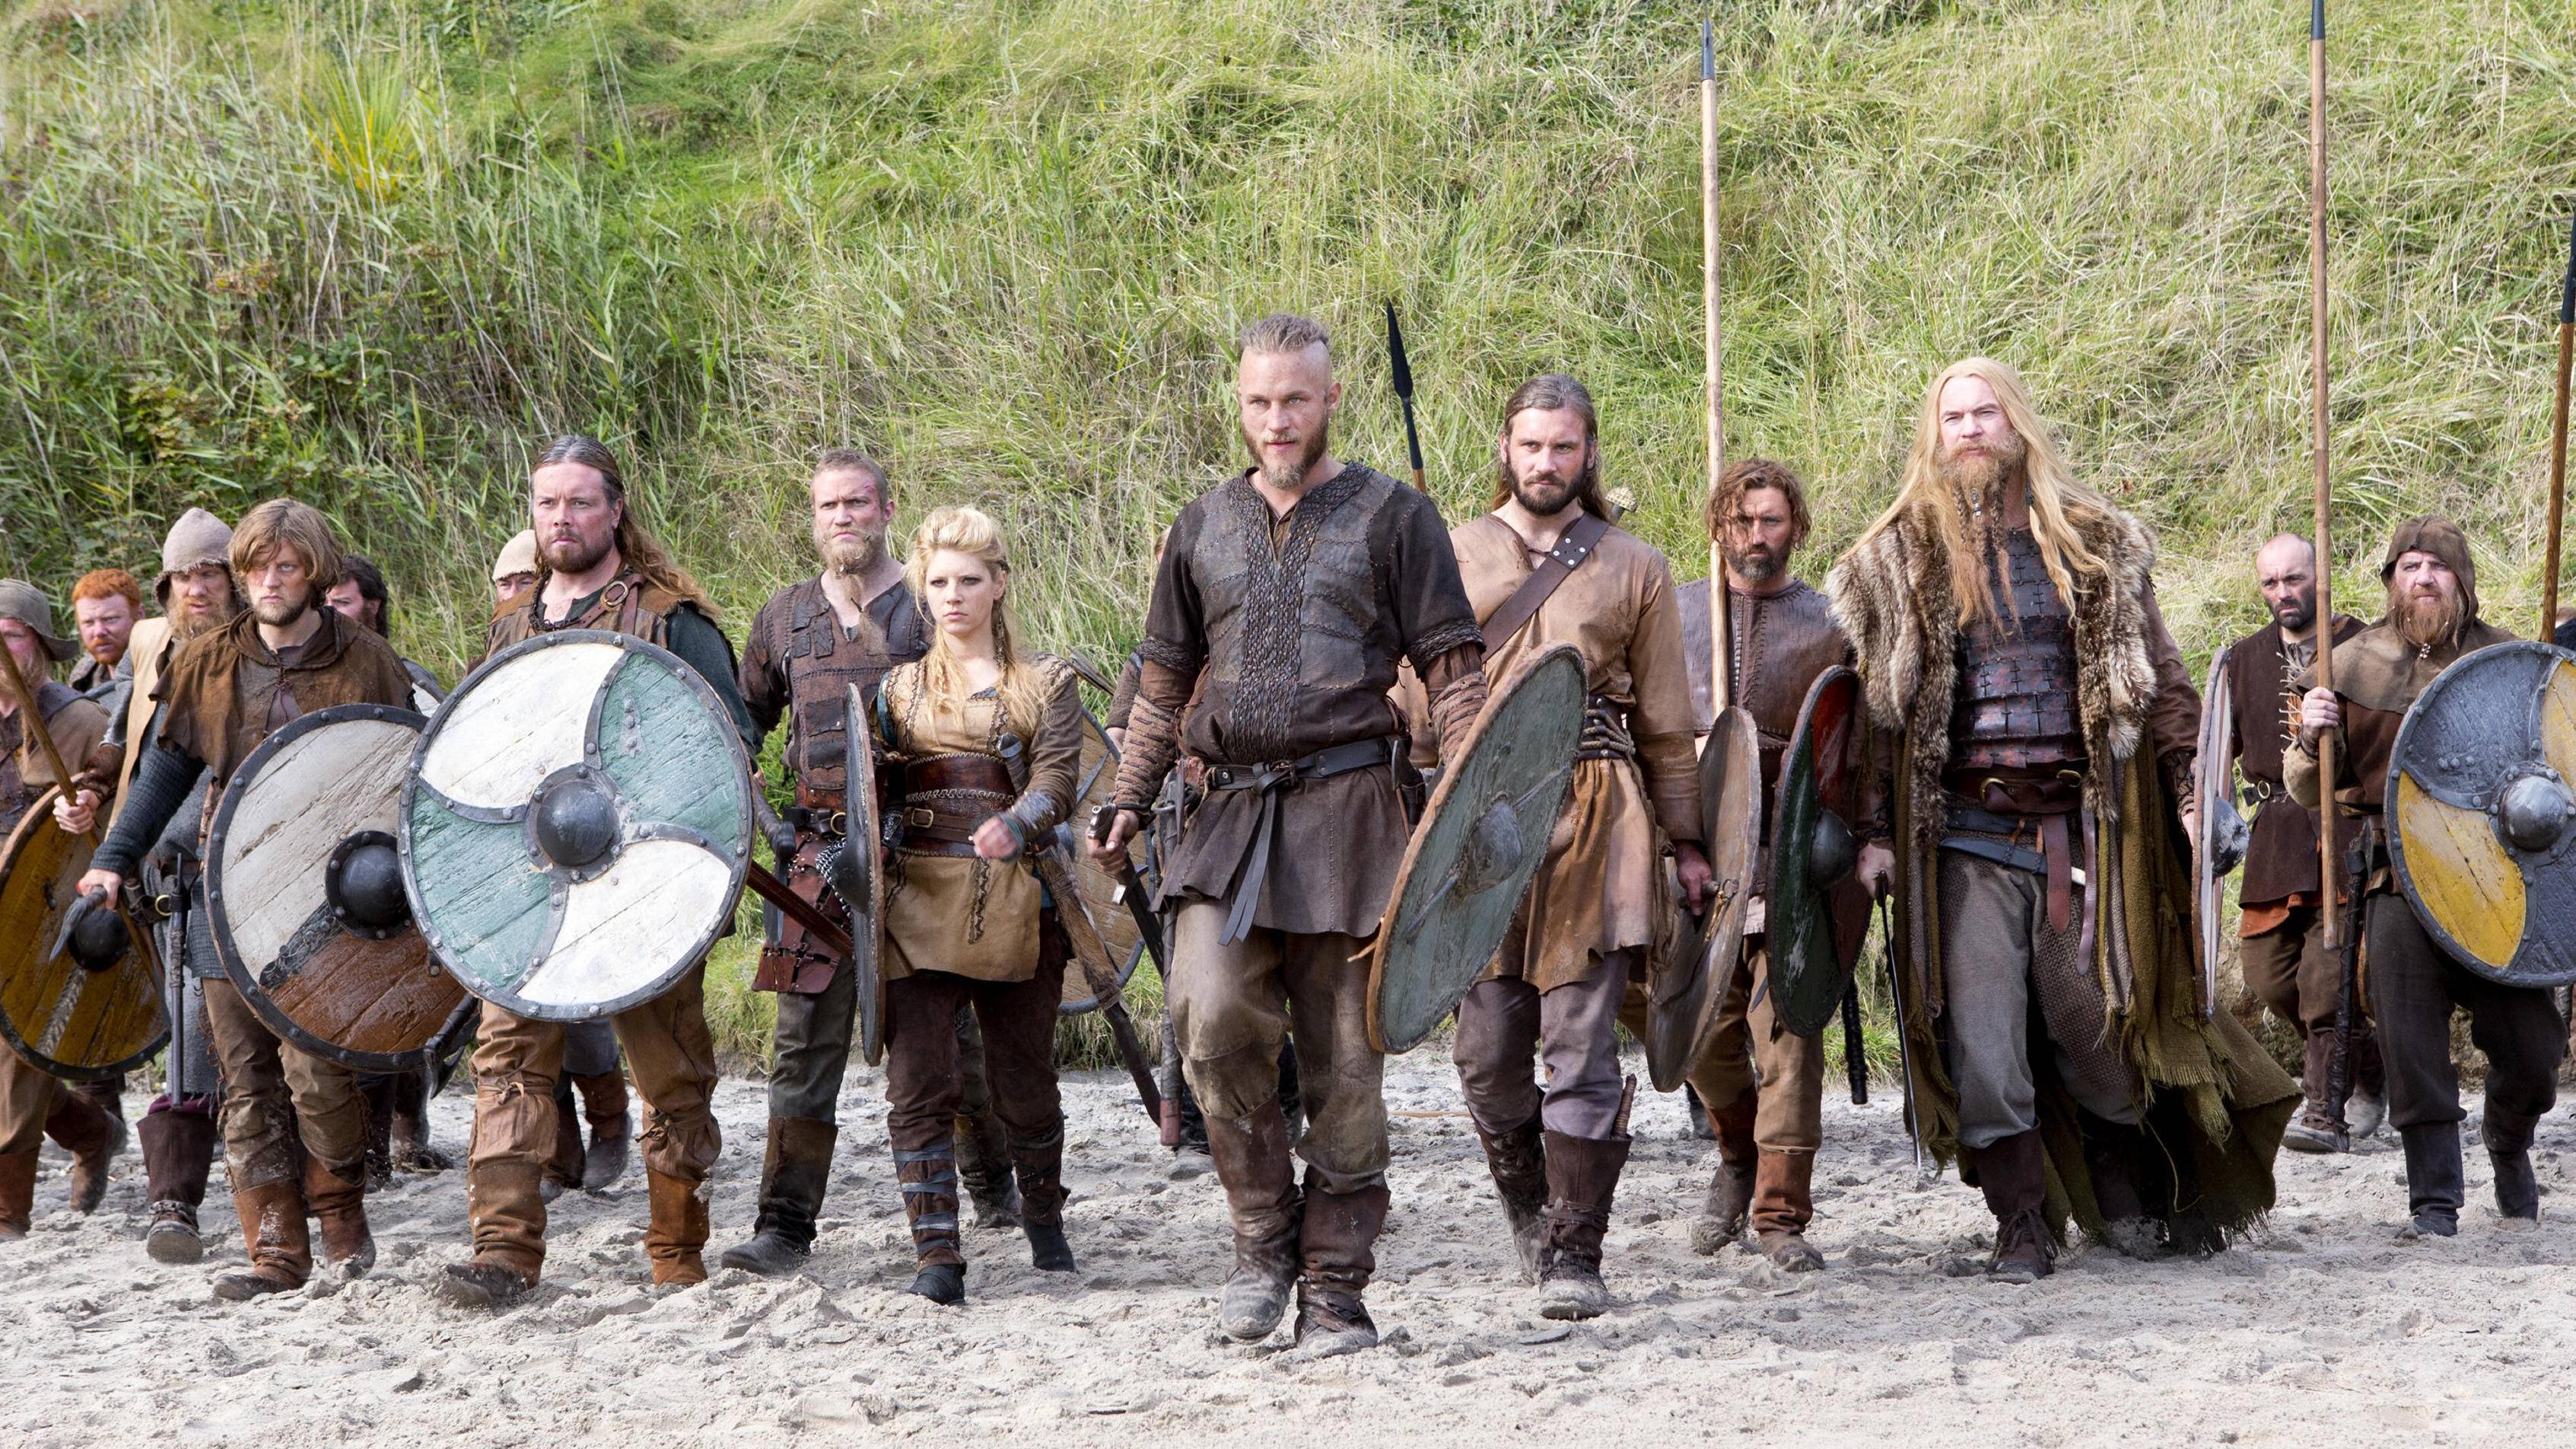 Szene aus der TV-Serie Vikings: Auch Jarl Ragnar (Travis Fimmel) und seine Leute glauben an Odin und die anderen Wikinger-Götter.